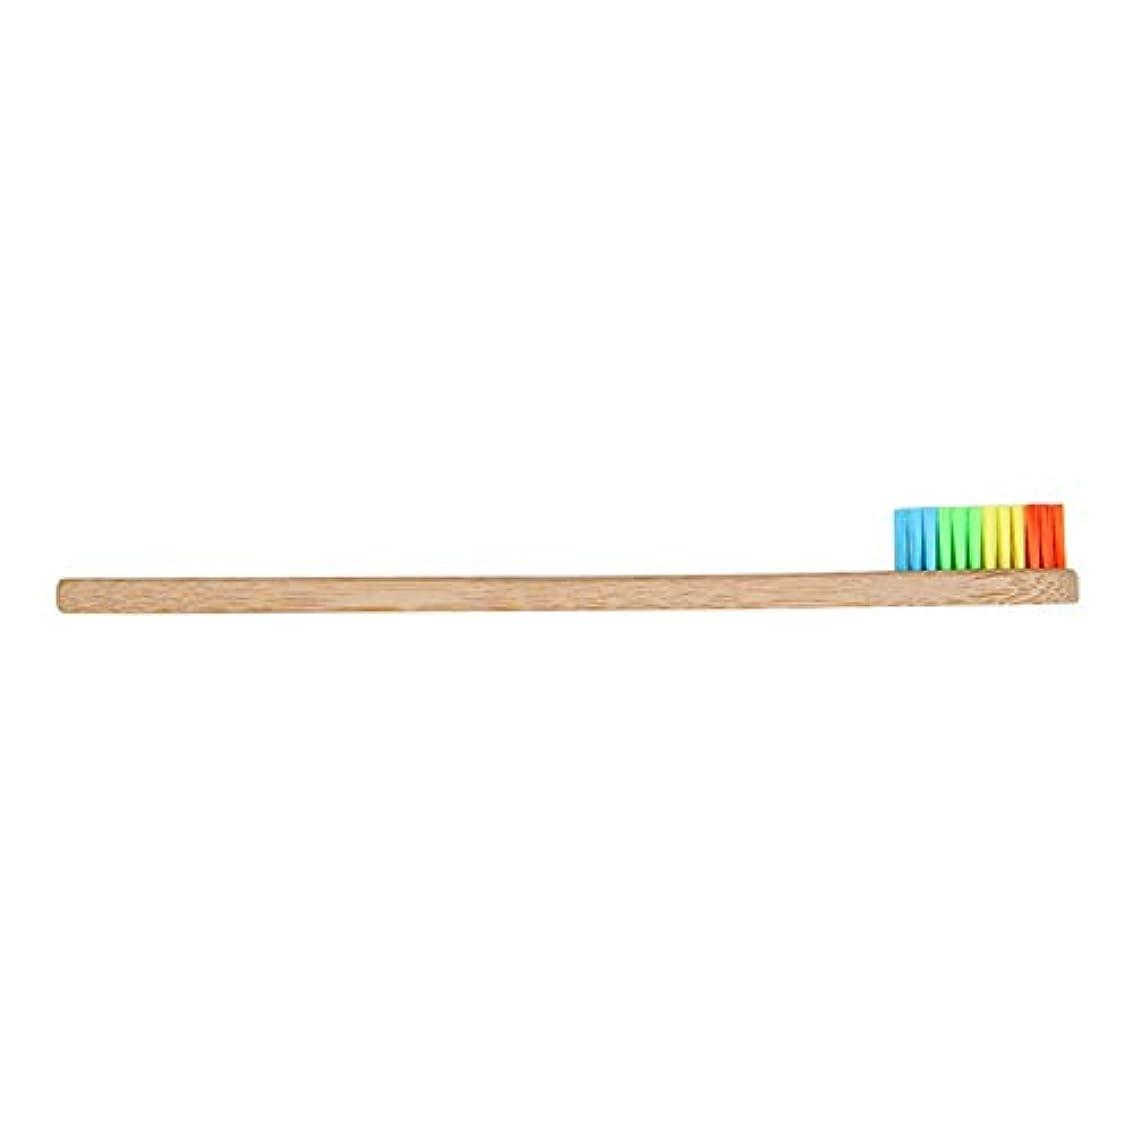 永続大破不安定CoolTack 1/4個歯ブラシ竹木製ハンドル虹ソフト剛毛オーラルケア歯ブラシ用大人子供